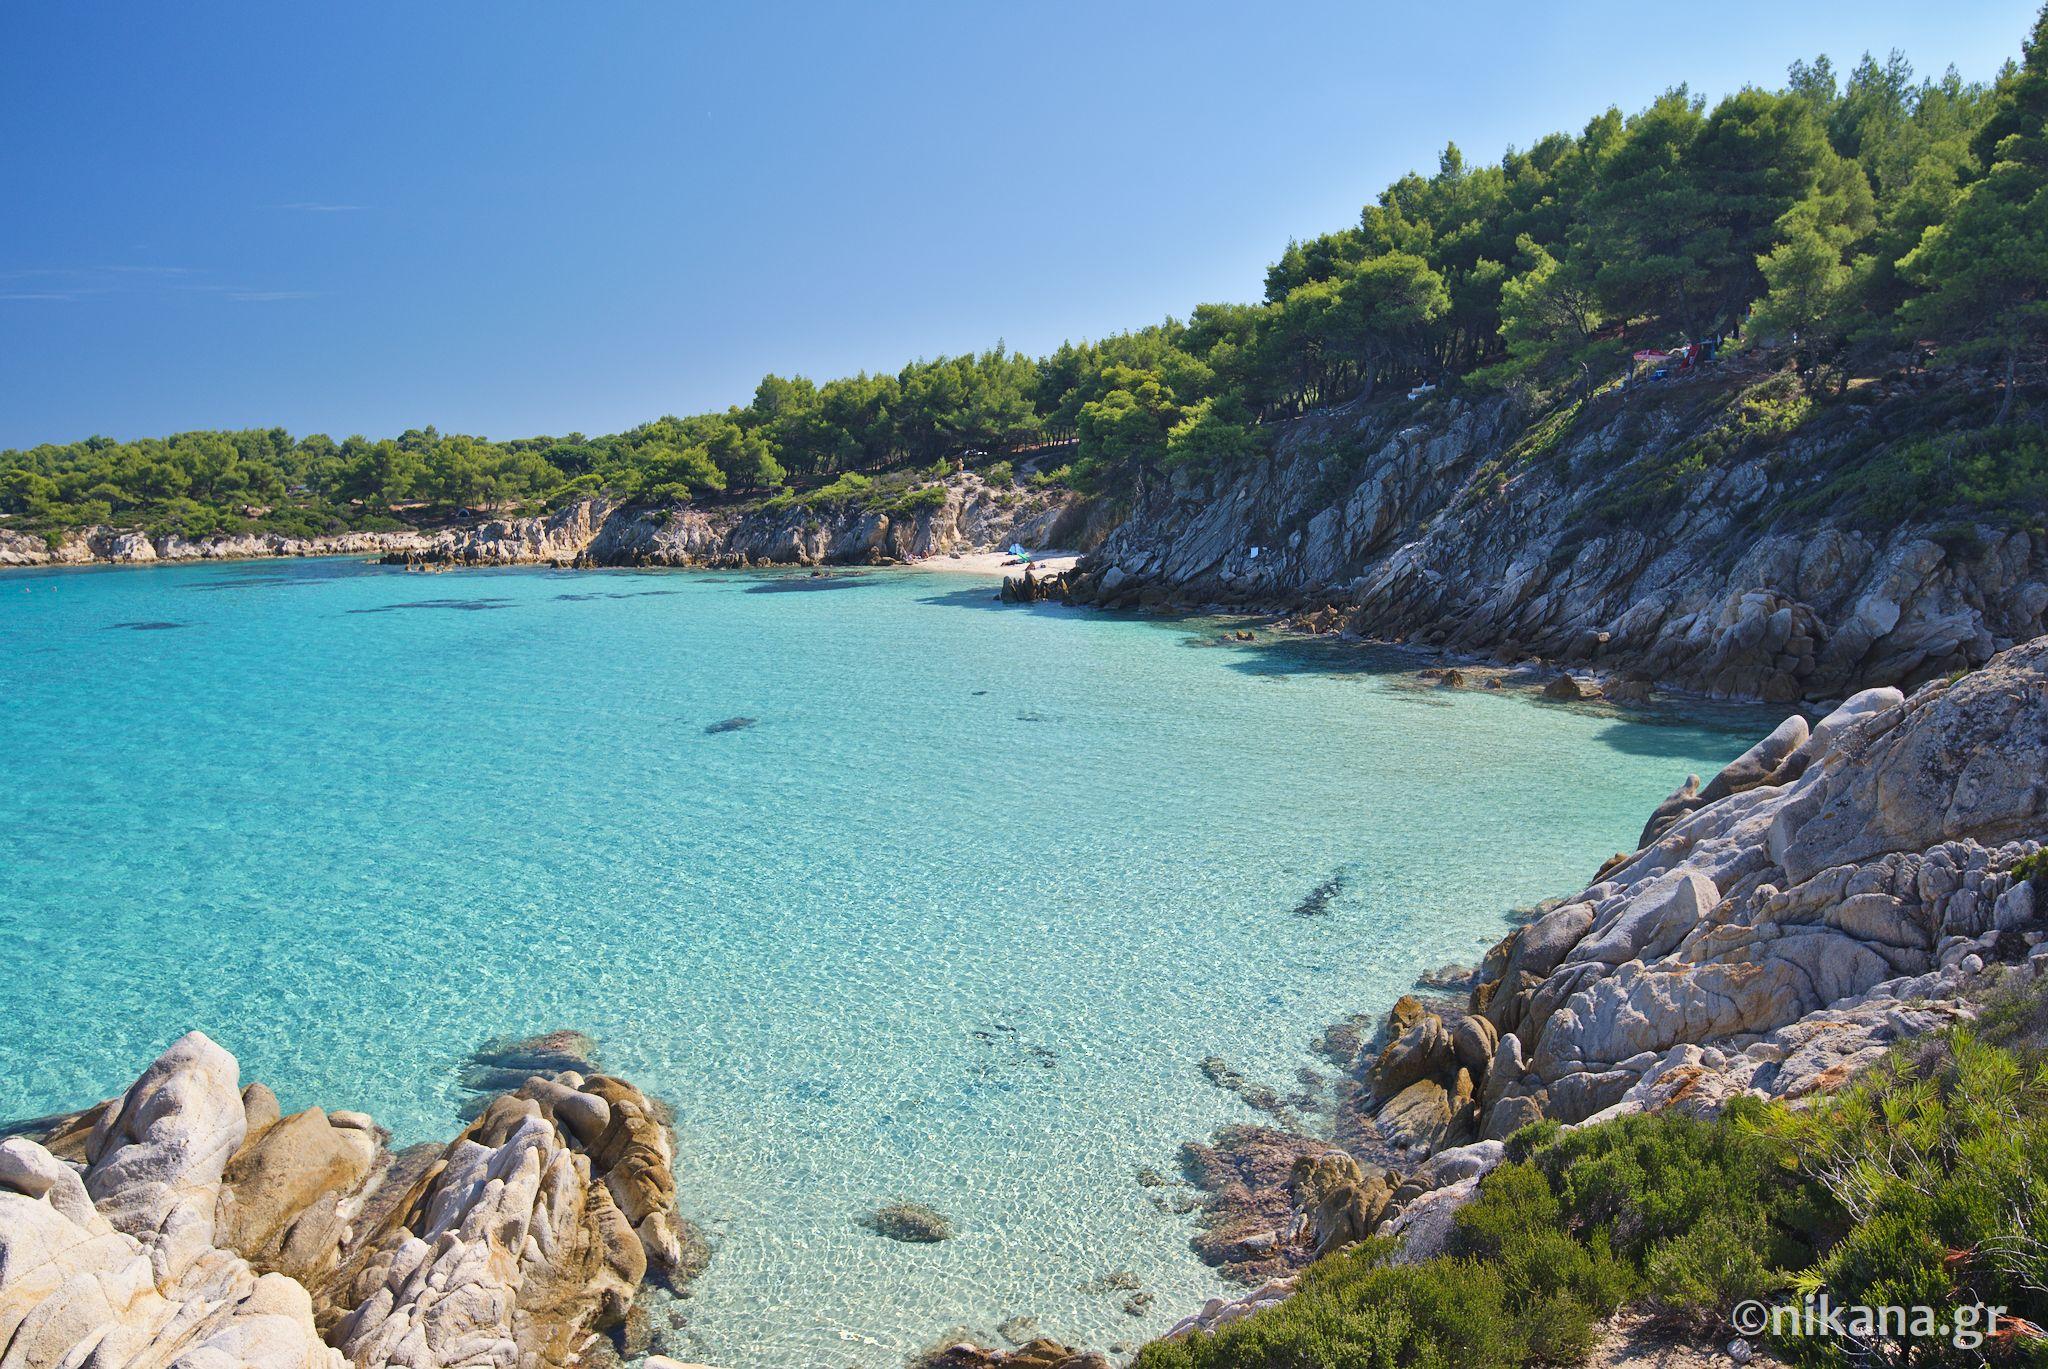 Mega Portokali Beach - Sithonia tourist guide - Nikana.gr